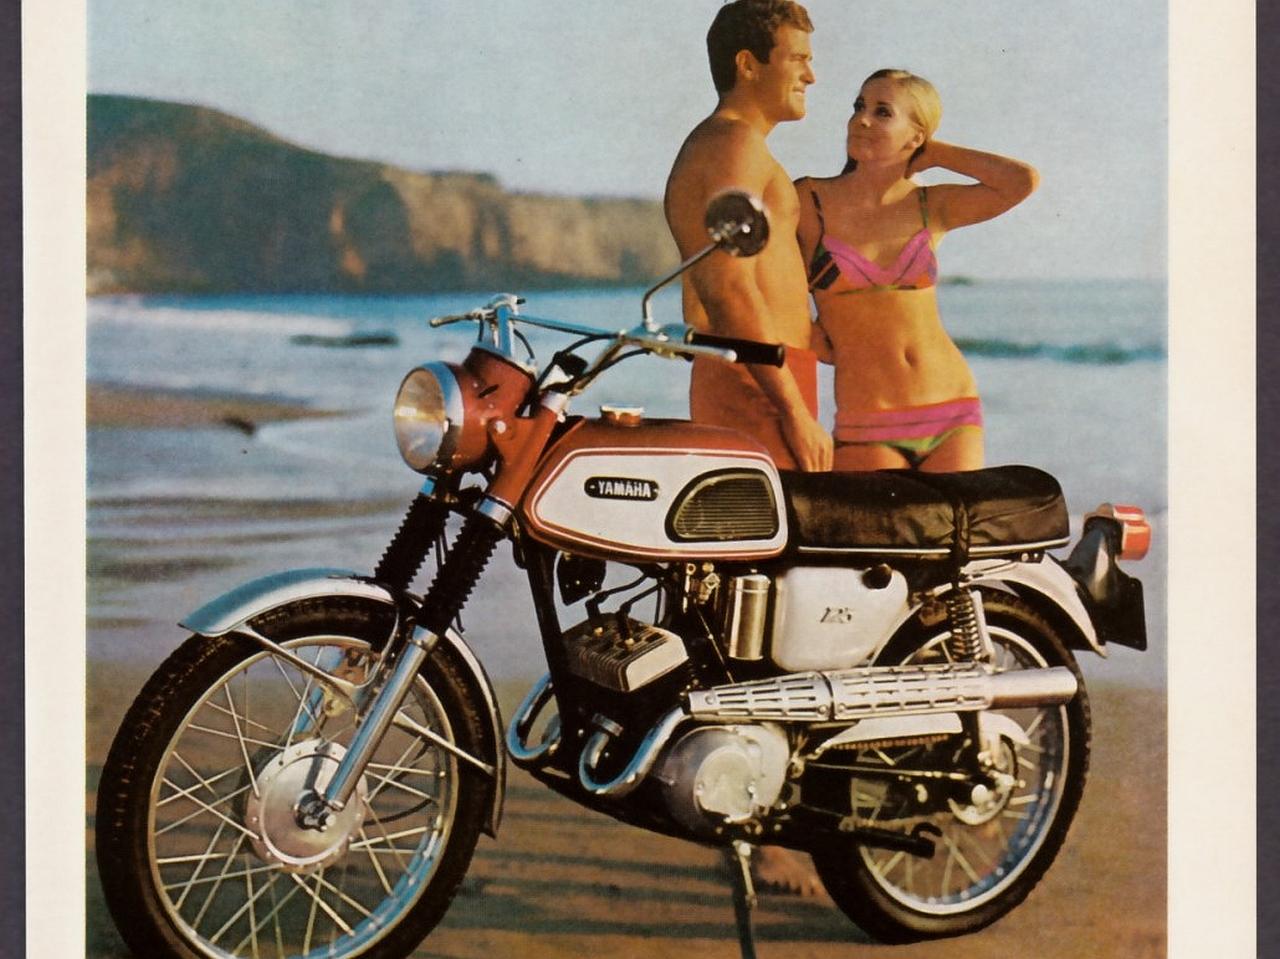 Images of Yamaha 125 Twin Scrambler   1280x959